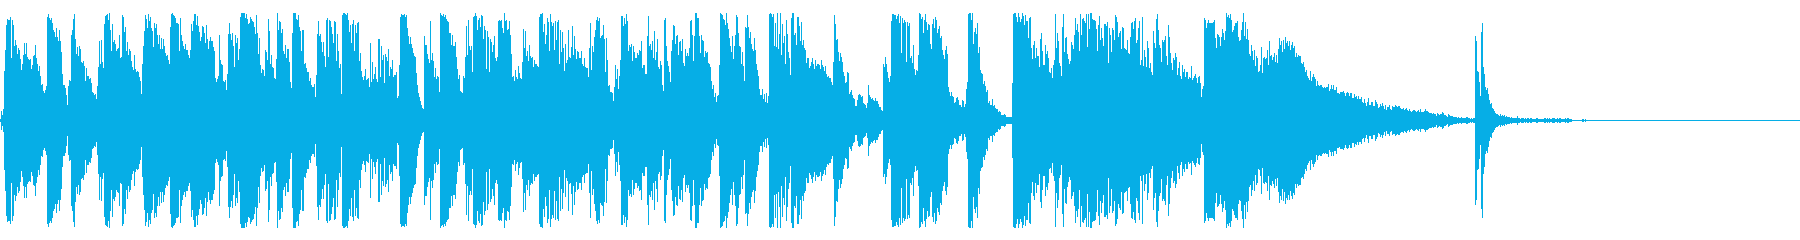 ワクワクする定番ジャズのオープニング曲の再生済みの波形